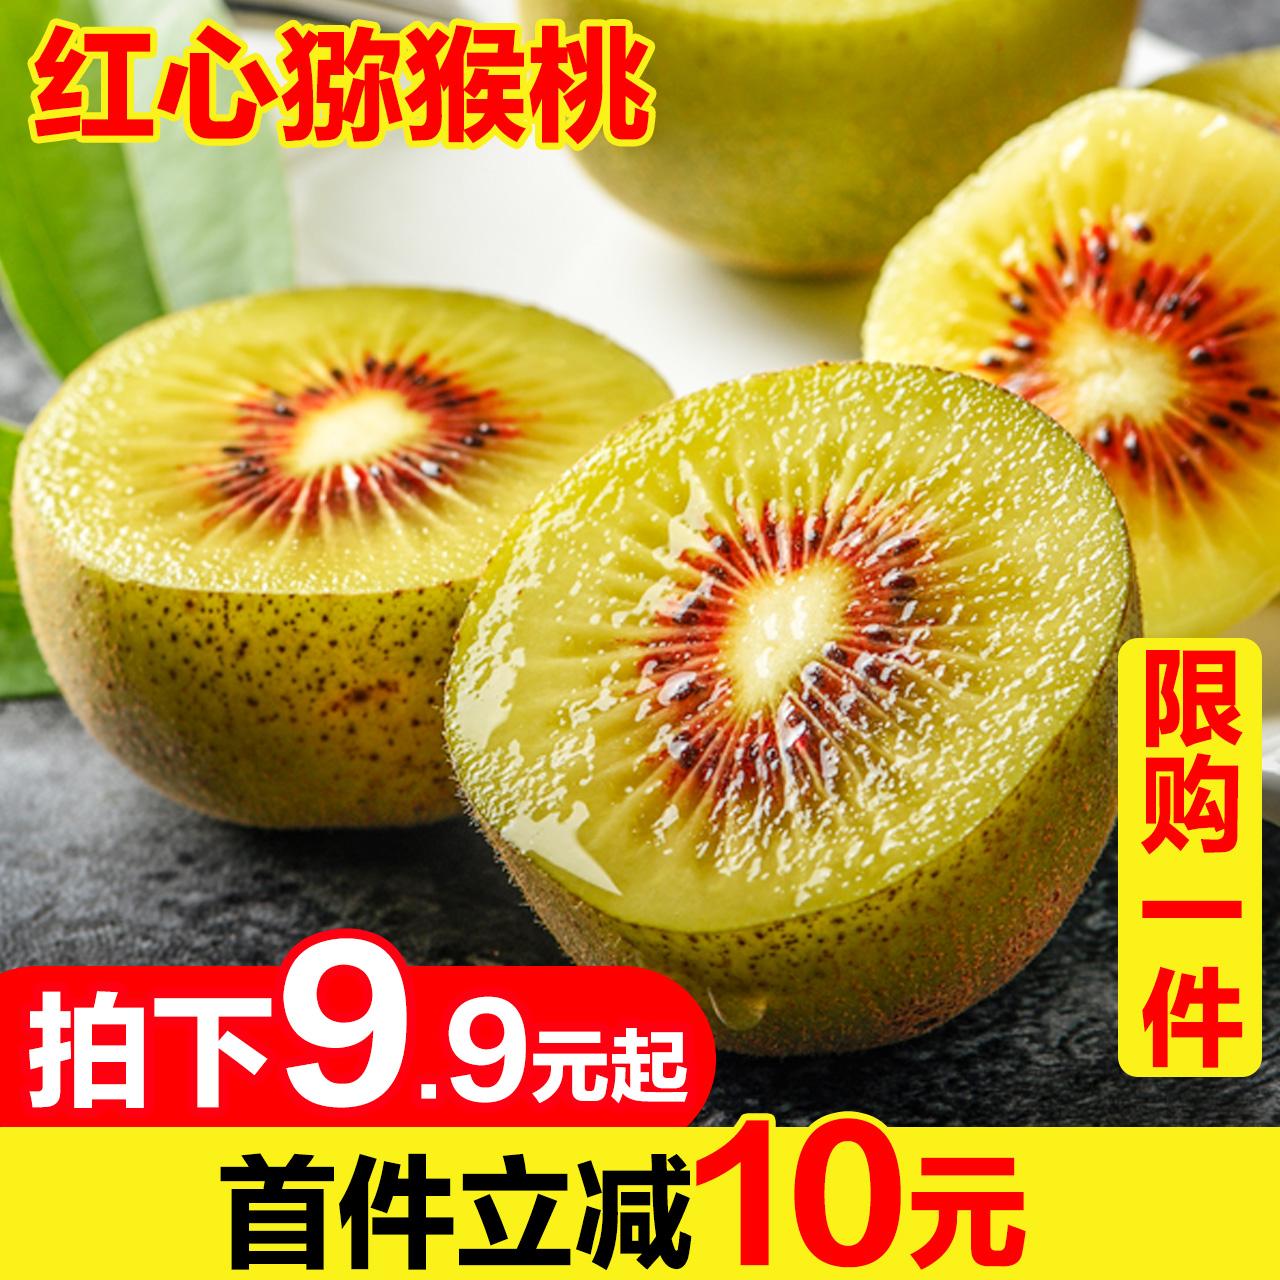 四川乐山红心猕猴桃红心奇异果应季弥猴桃泥猴桃新鲜水果当季包邮